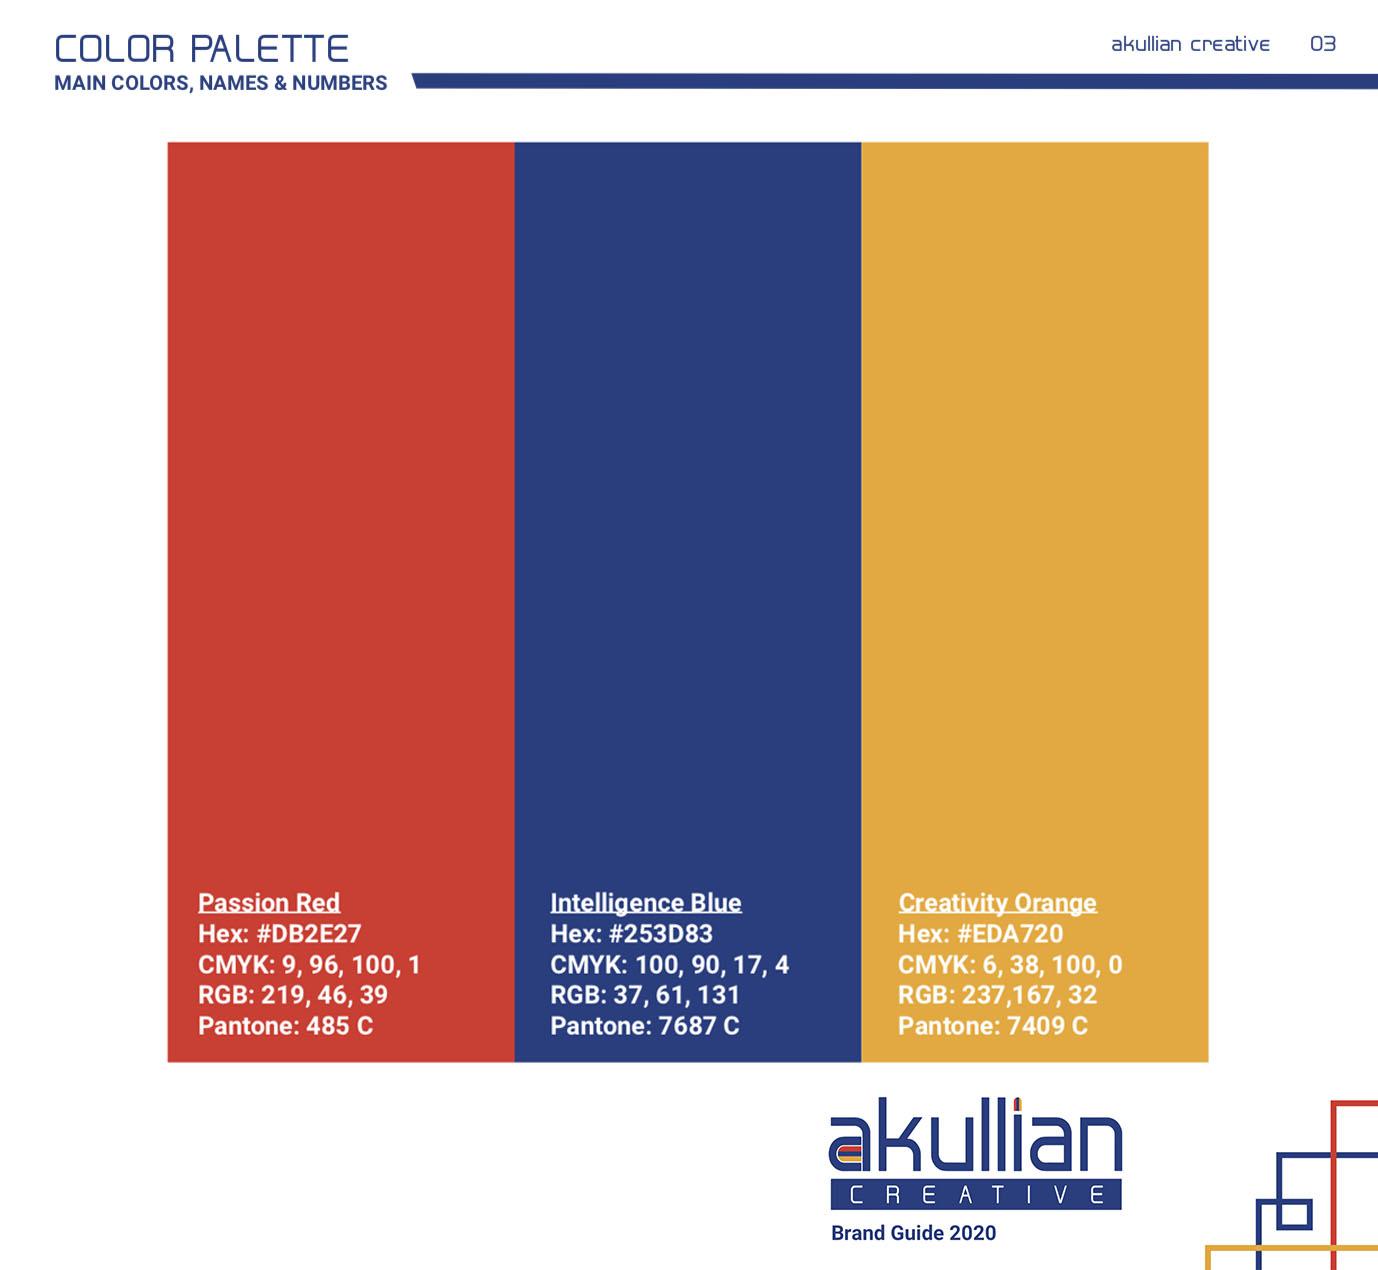 Akullian Creative new brand guide